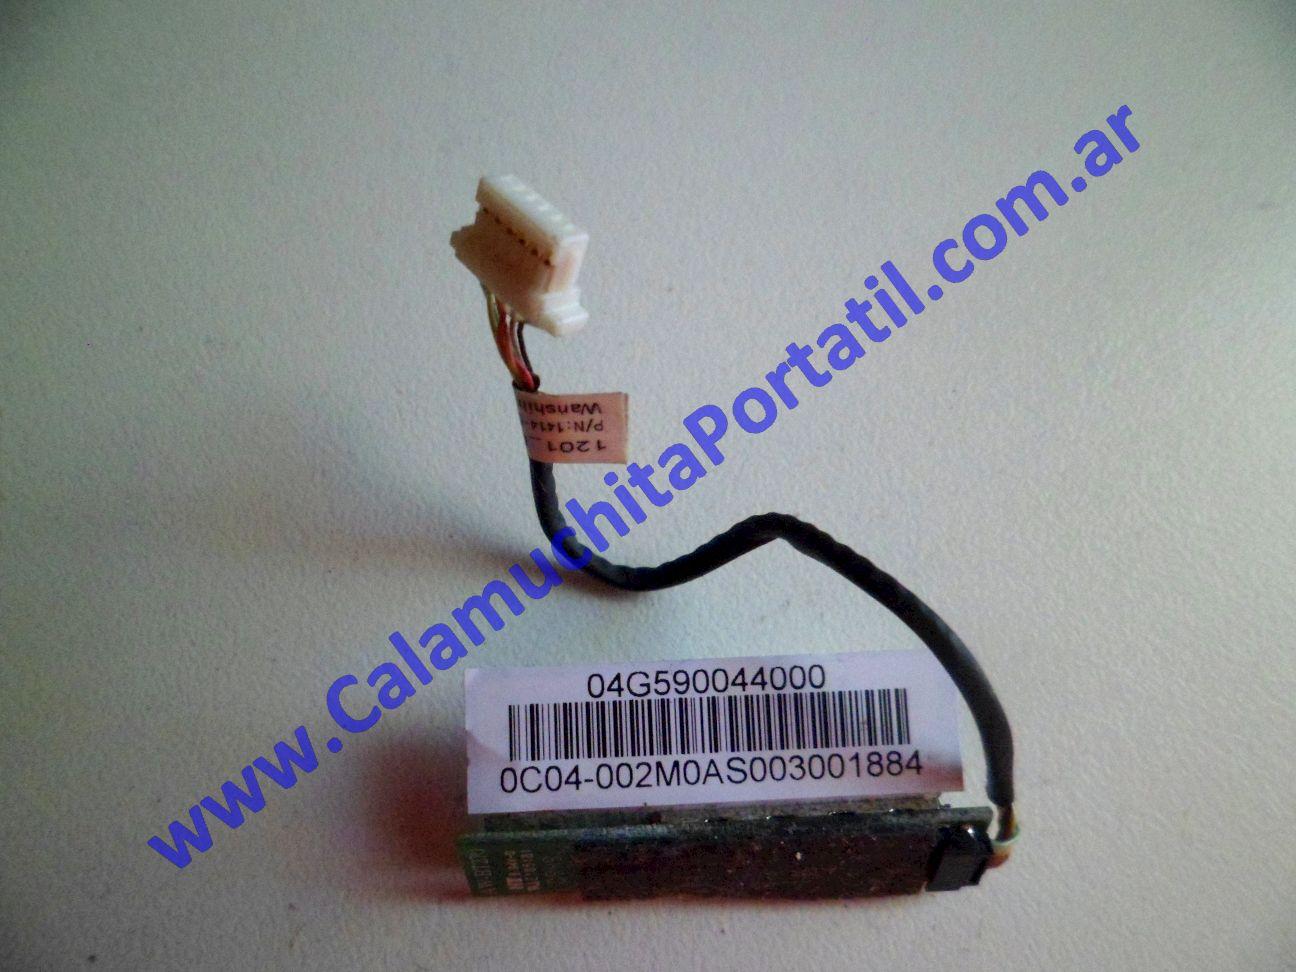 0027PBL Placa Bluetooth Asus Eee PC 1201n